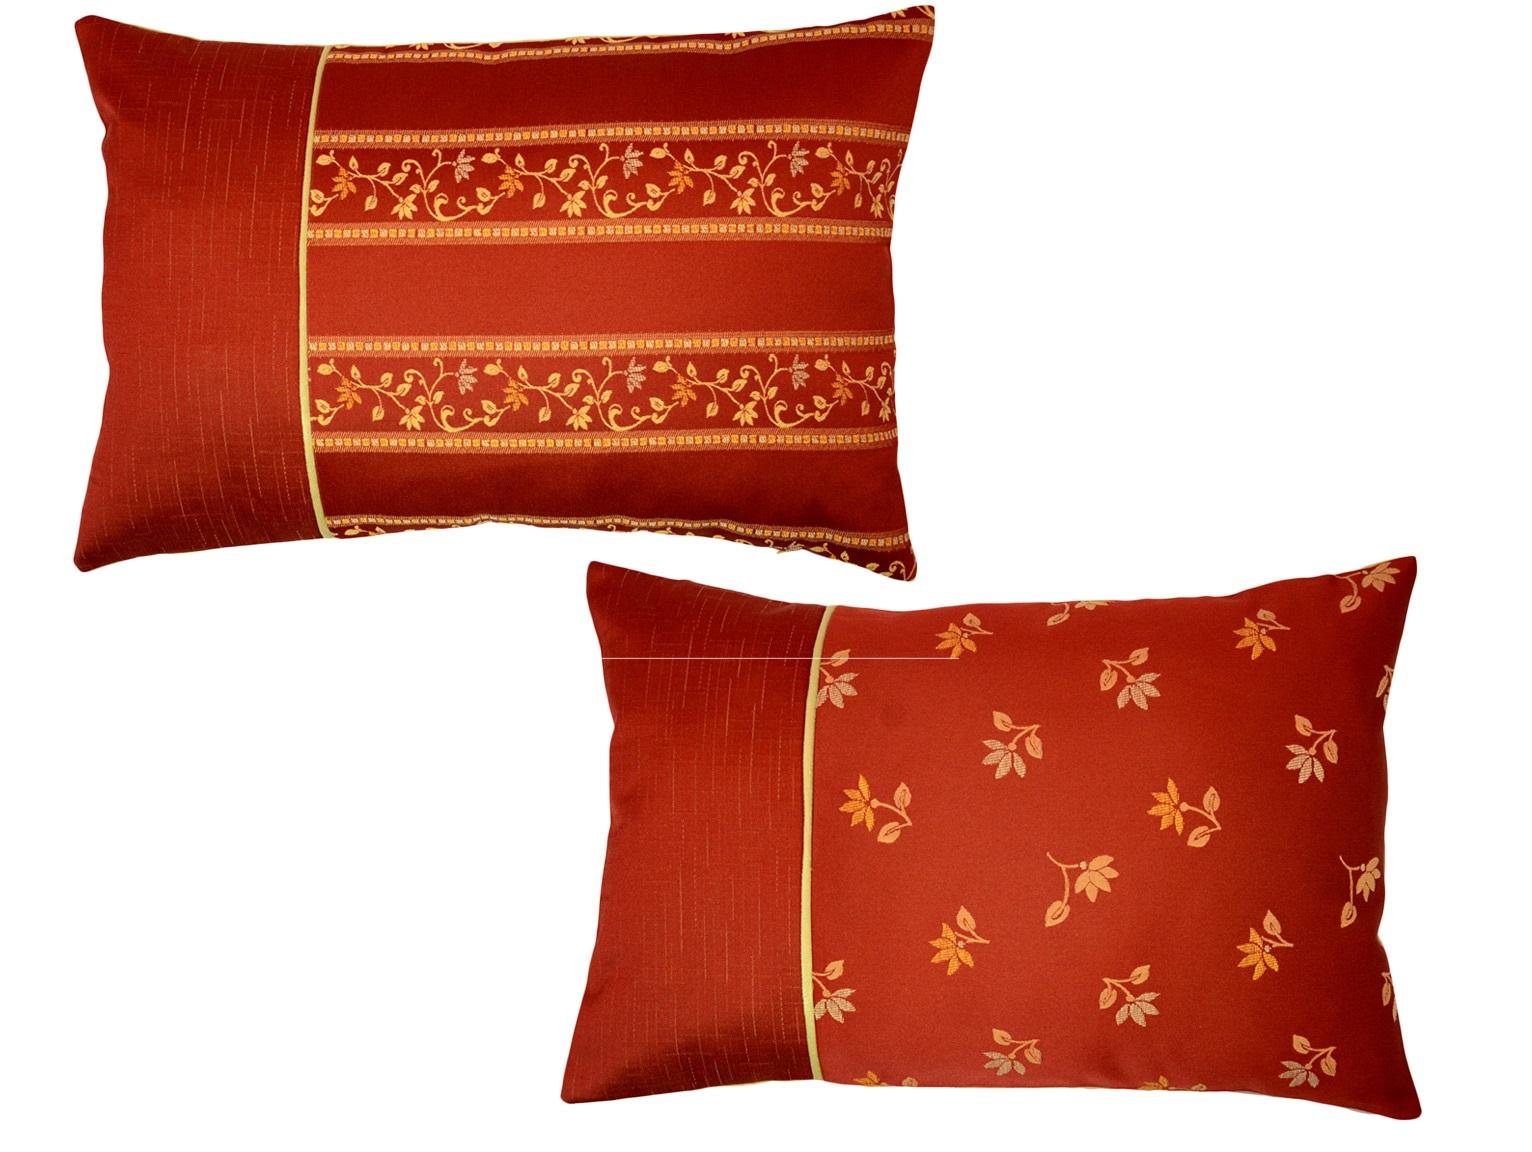 Комплект подушек Cornelia Red (2шт)Прямоугольные подушки<br>Комплект декоративных  подушек. Чехол съемный.<br><br>Material: Вискоза<br>Length см: None<br>Width см: 55<br>Depth см: 15<br>Height см: 35